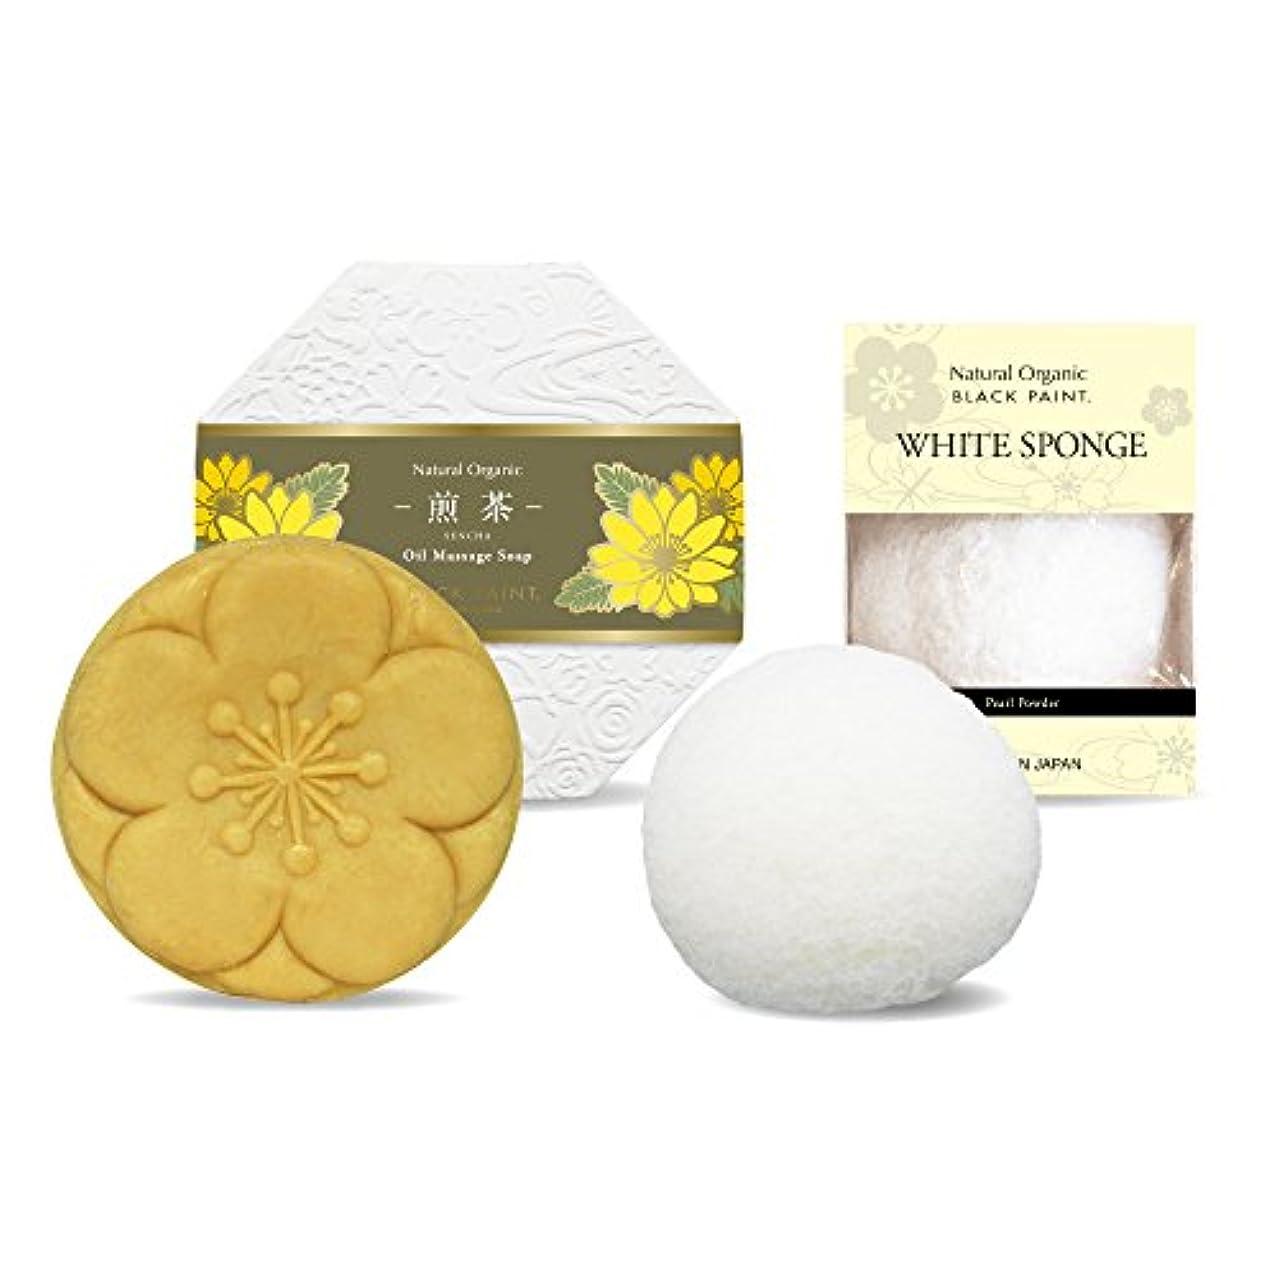 京のお茶石鹸 煎茶120g&ホワイトスポンジ 洗顔セット